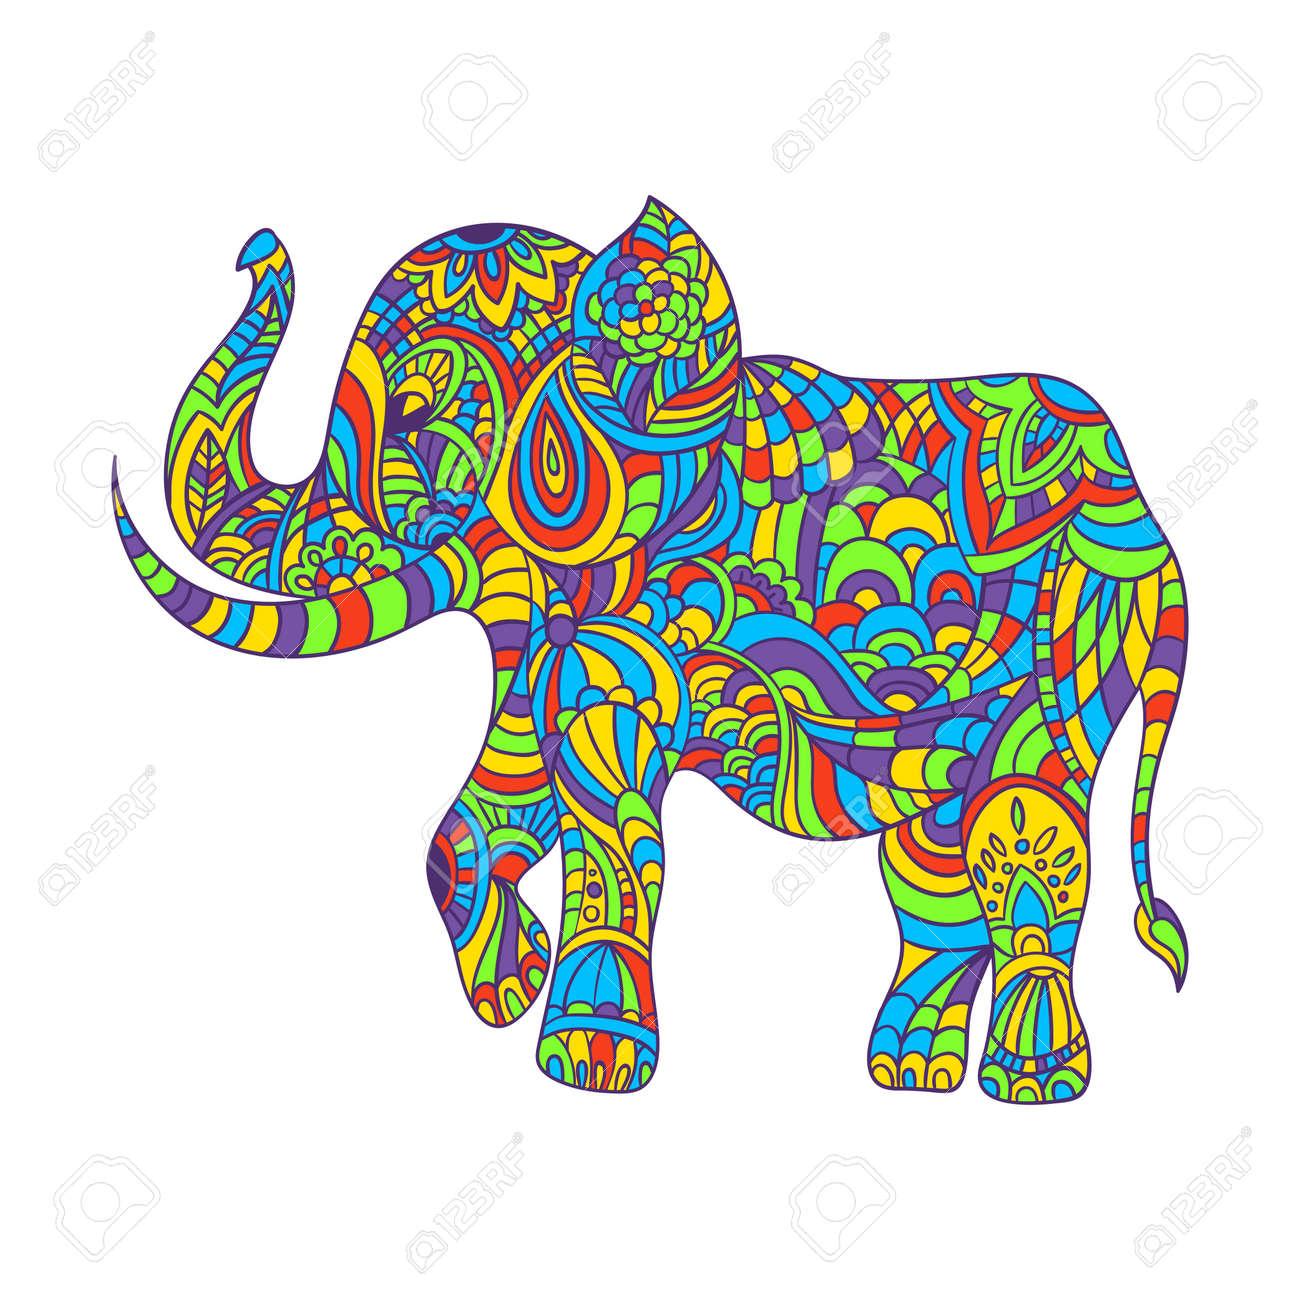 Niedlich Malvorlagen Elefanten Stammes Fotos - Malvorlagen Ideen ...